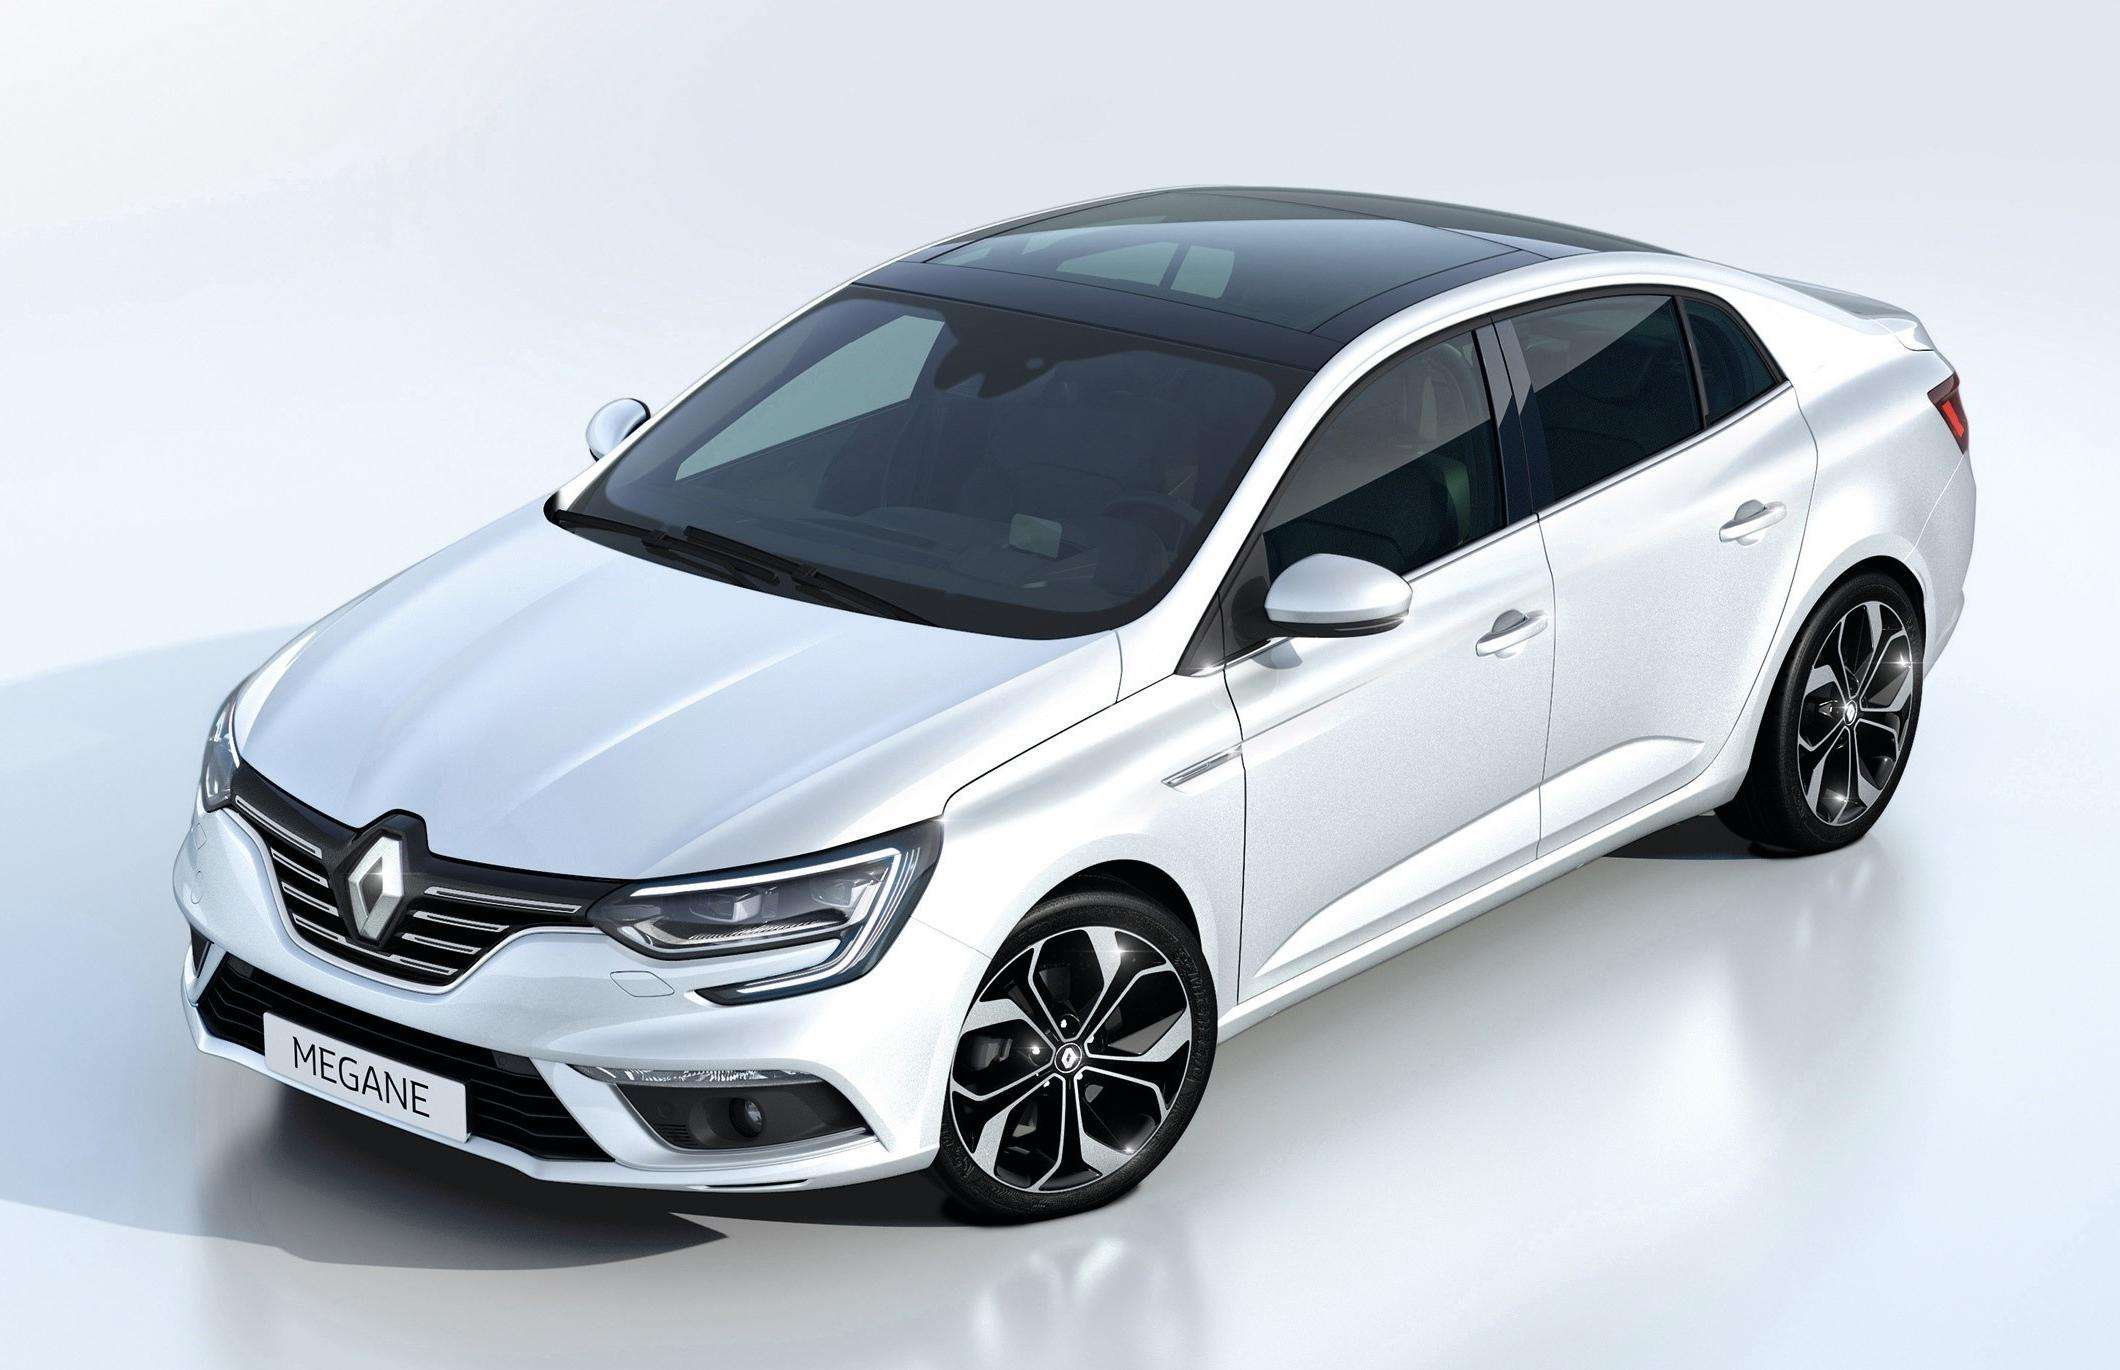 Renault apresenta nova geração do Mégane Sedan no Salão de Paris